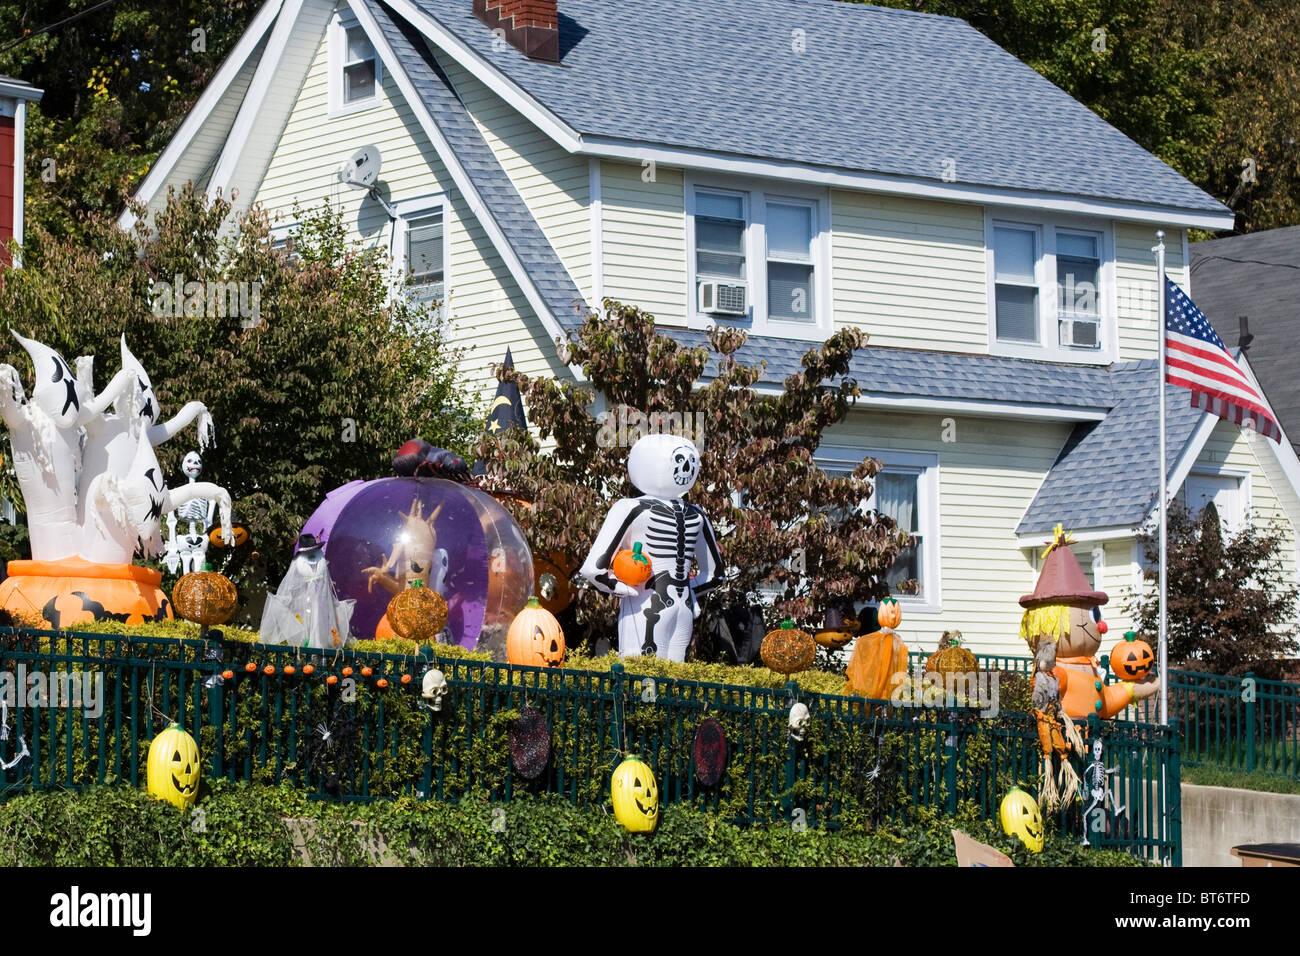 Ein Haus In Amerika Fur Halloween Dekoriert Stockfotografie Alamy